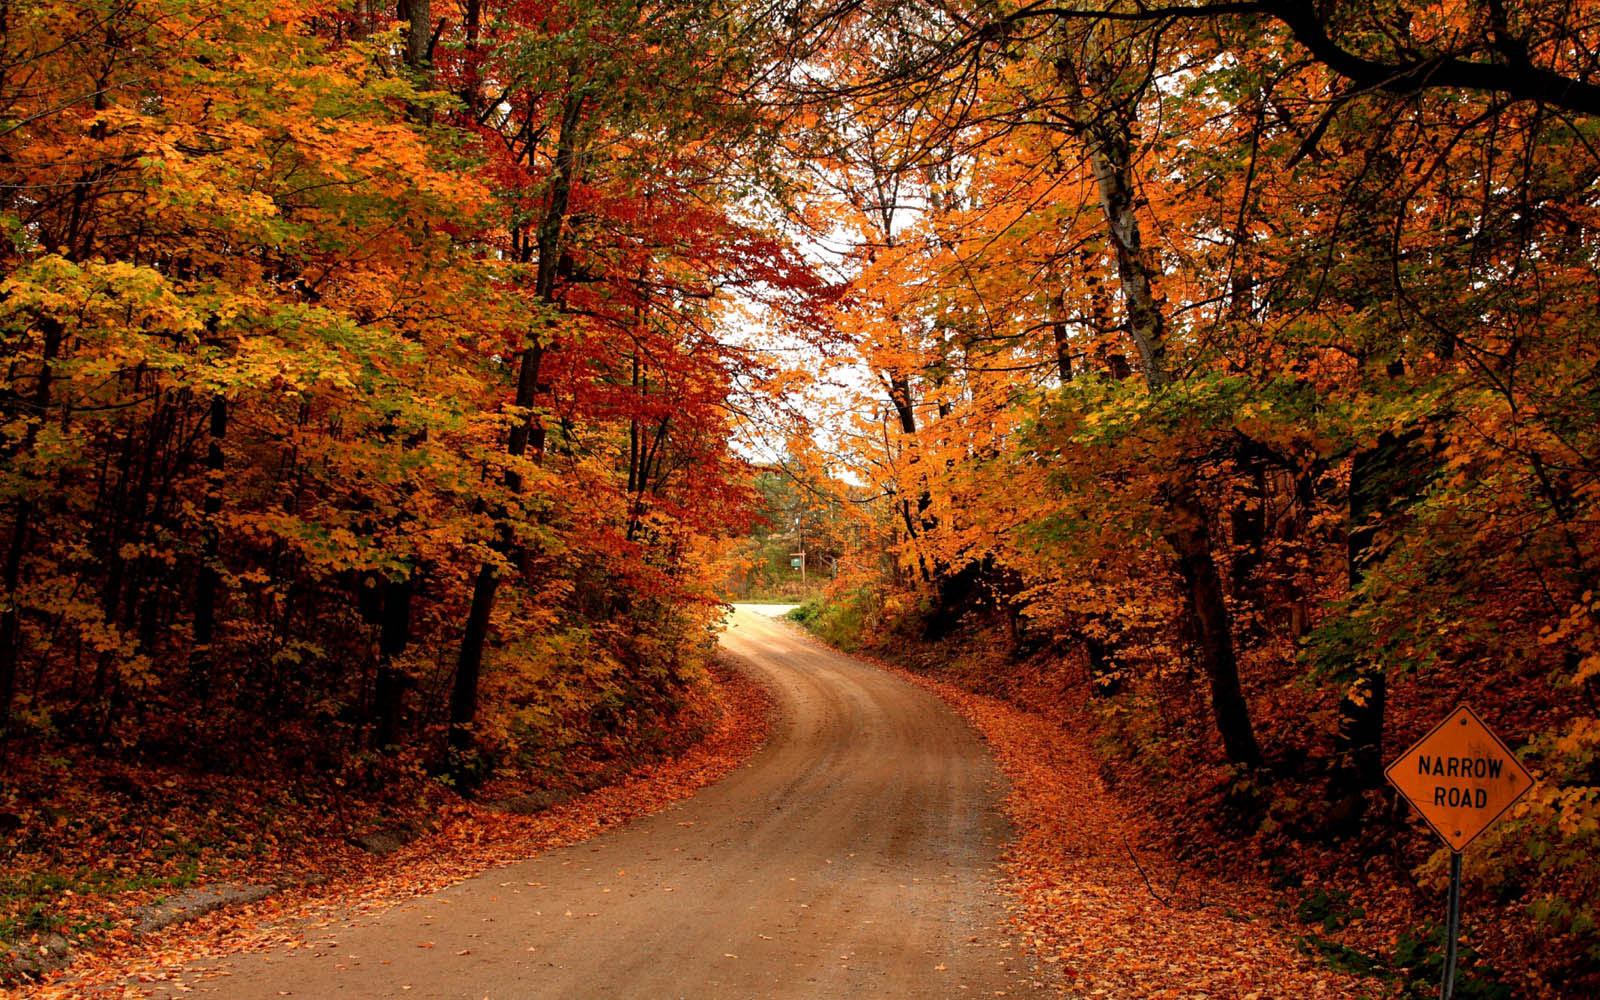 Desktop Wallpapers: Autumn Road Desktop Wallpapers